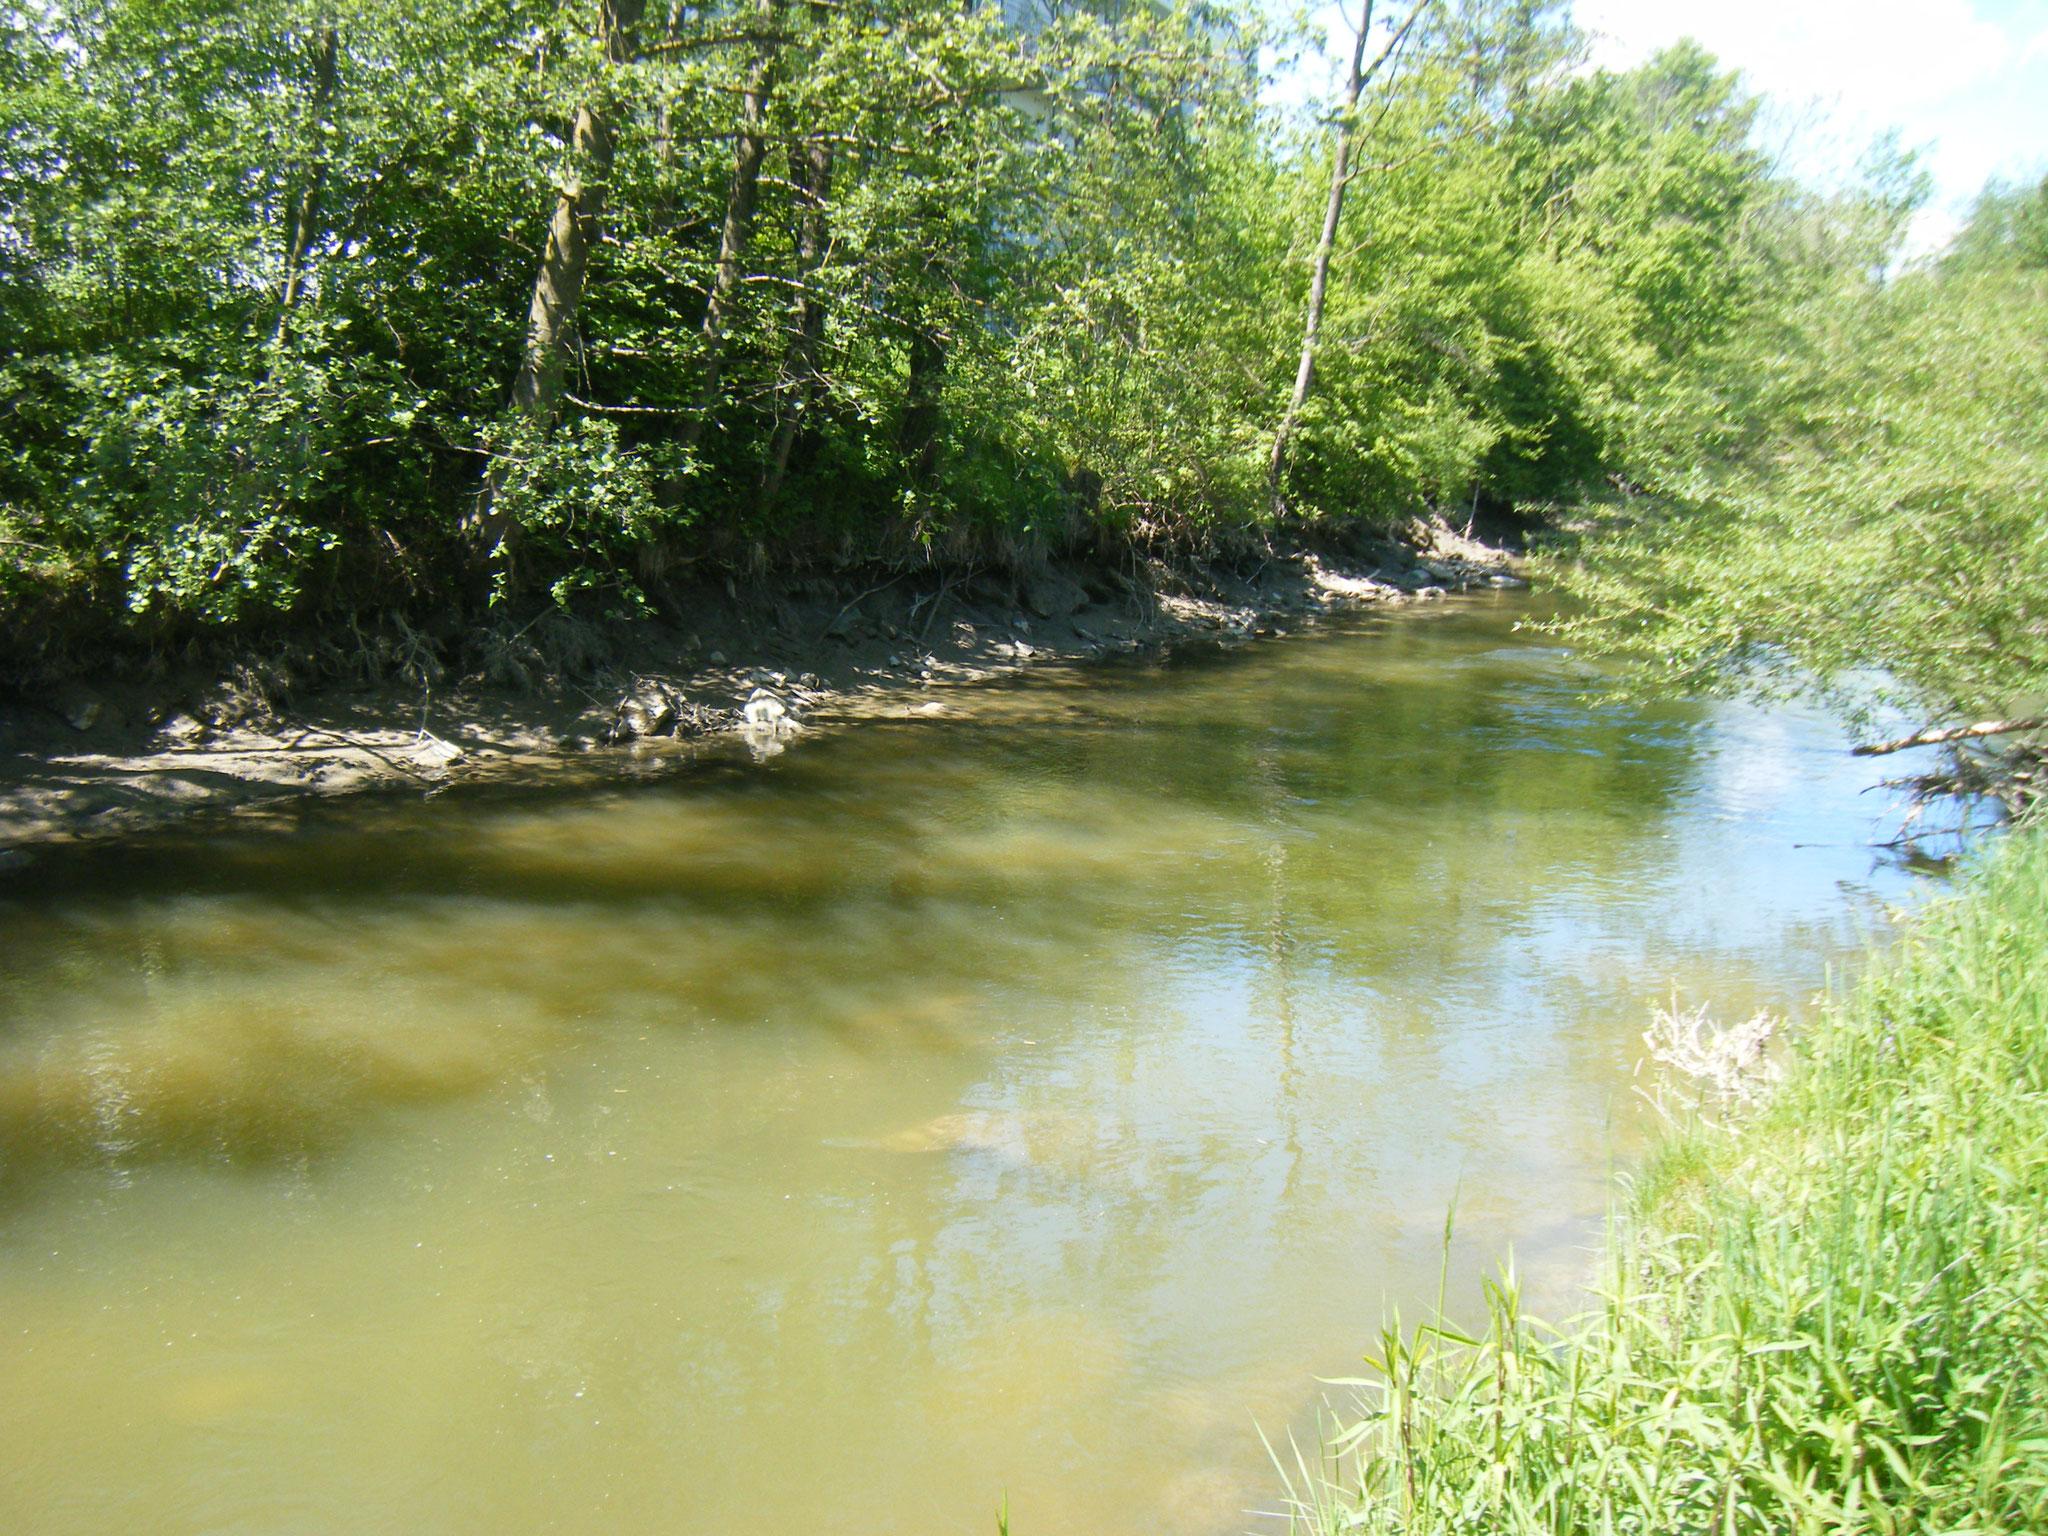 Flussaufwärts sieht man deutlich die ausgewaschen Uferböschungen, die nach der Öffung des Wehres frei liegen.